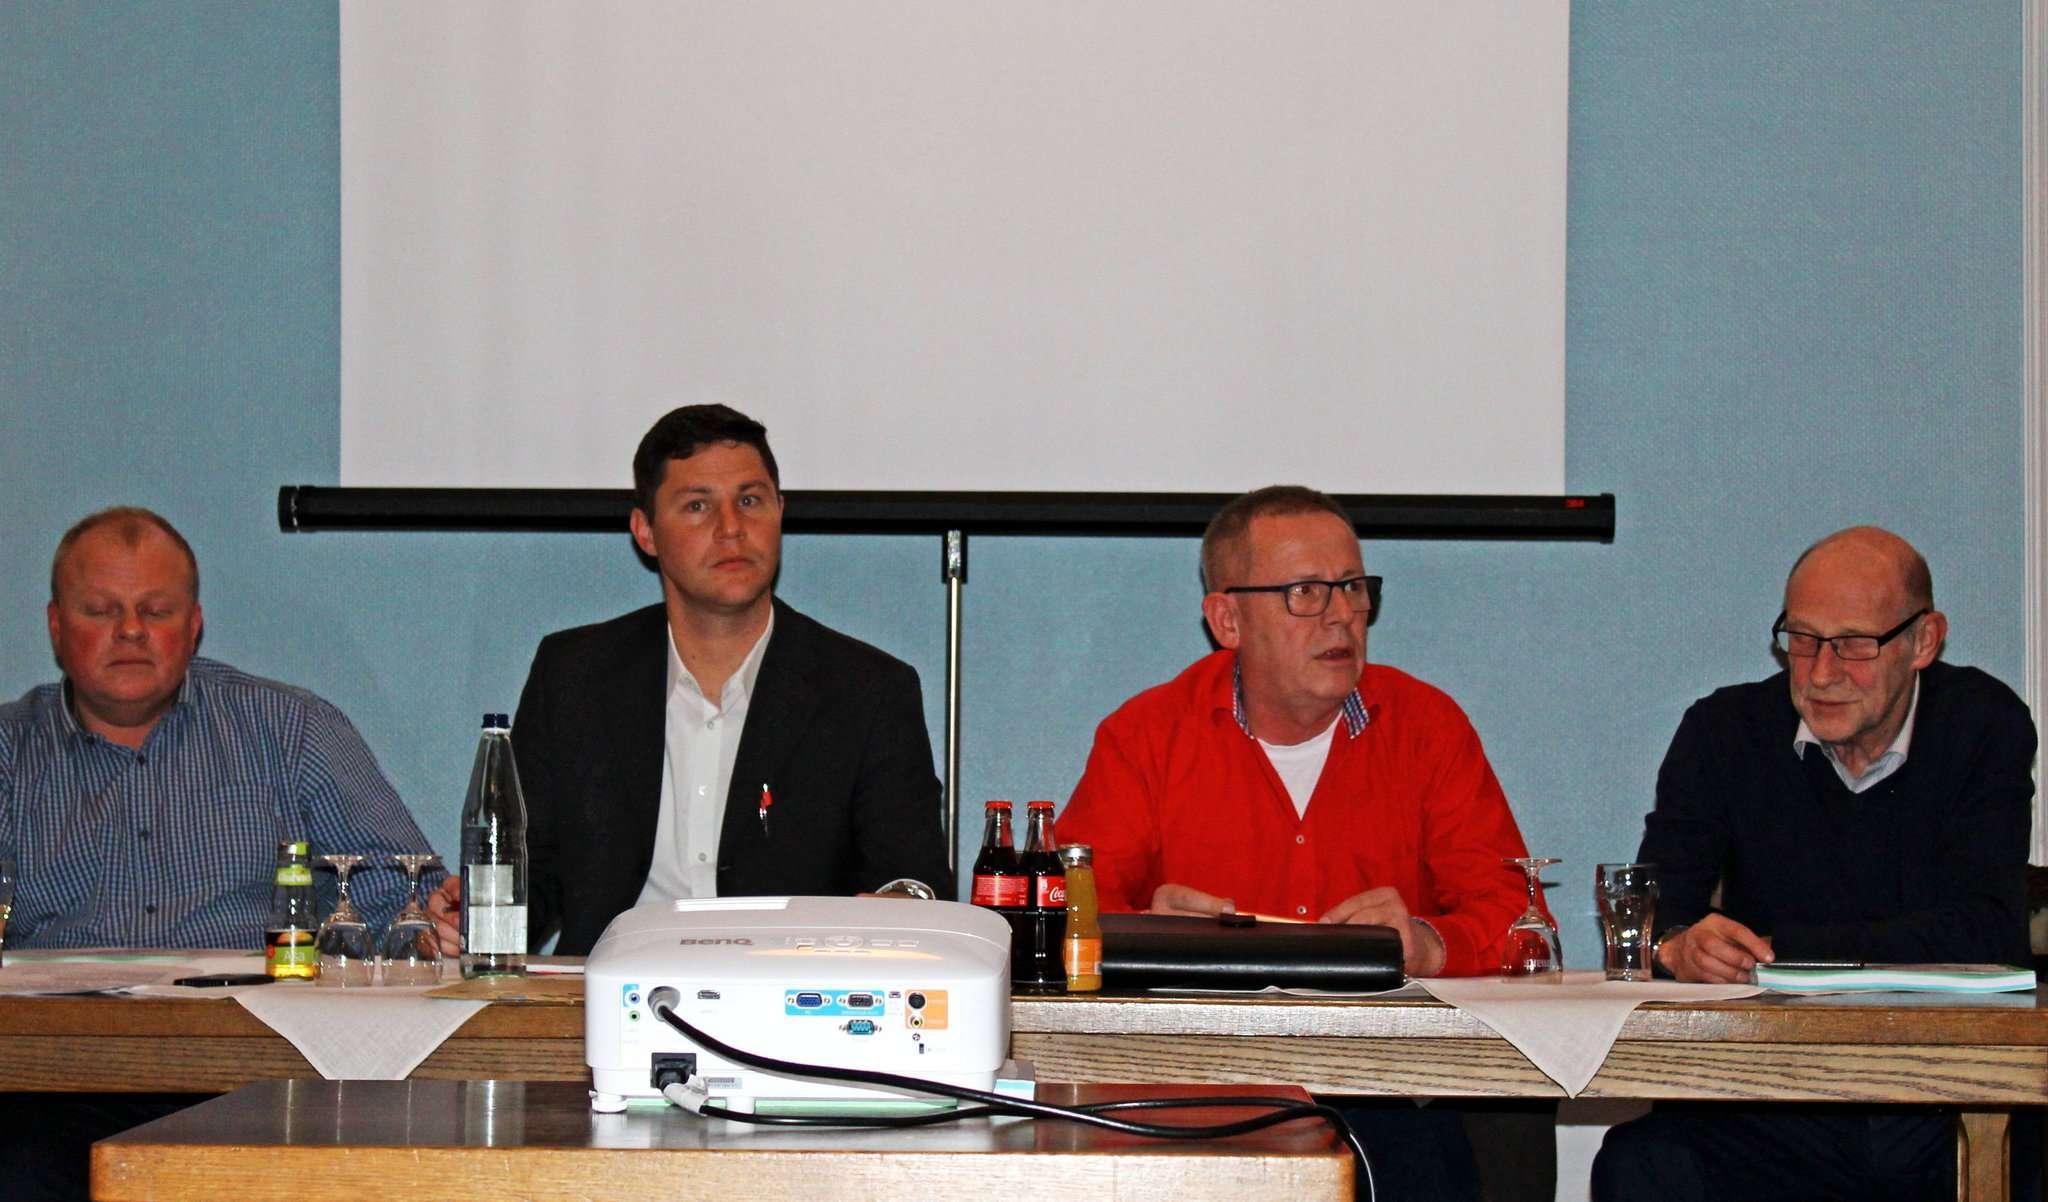 Michael Sablotzke (von links), Tobias Koch, Werner Kahlke und Wilfried Behrens sprachen über anstehende Investionen und Projekte. Foto: Ann-Christin Beims